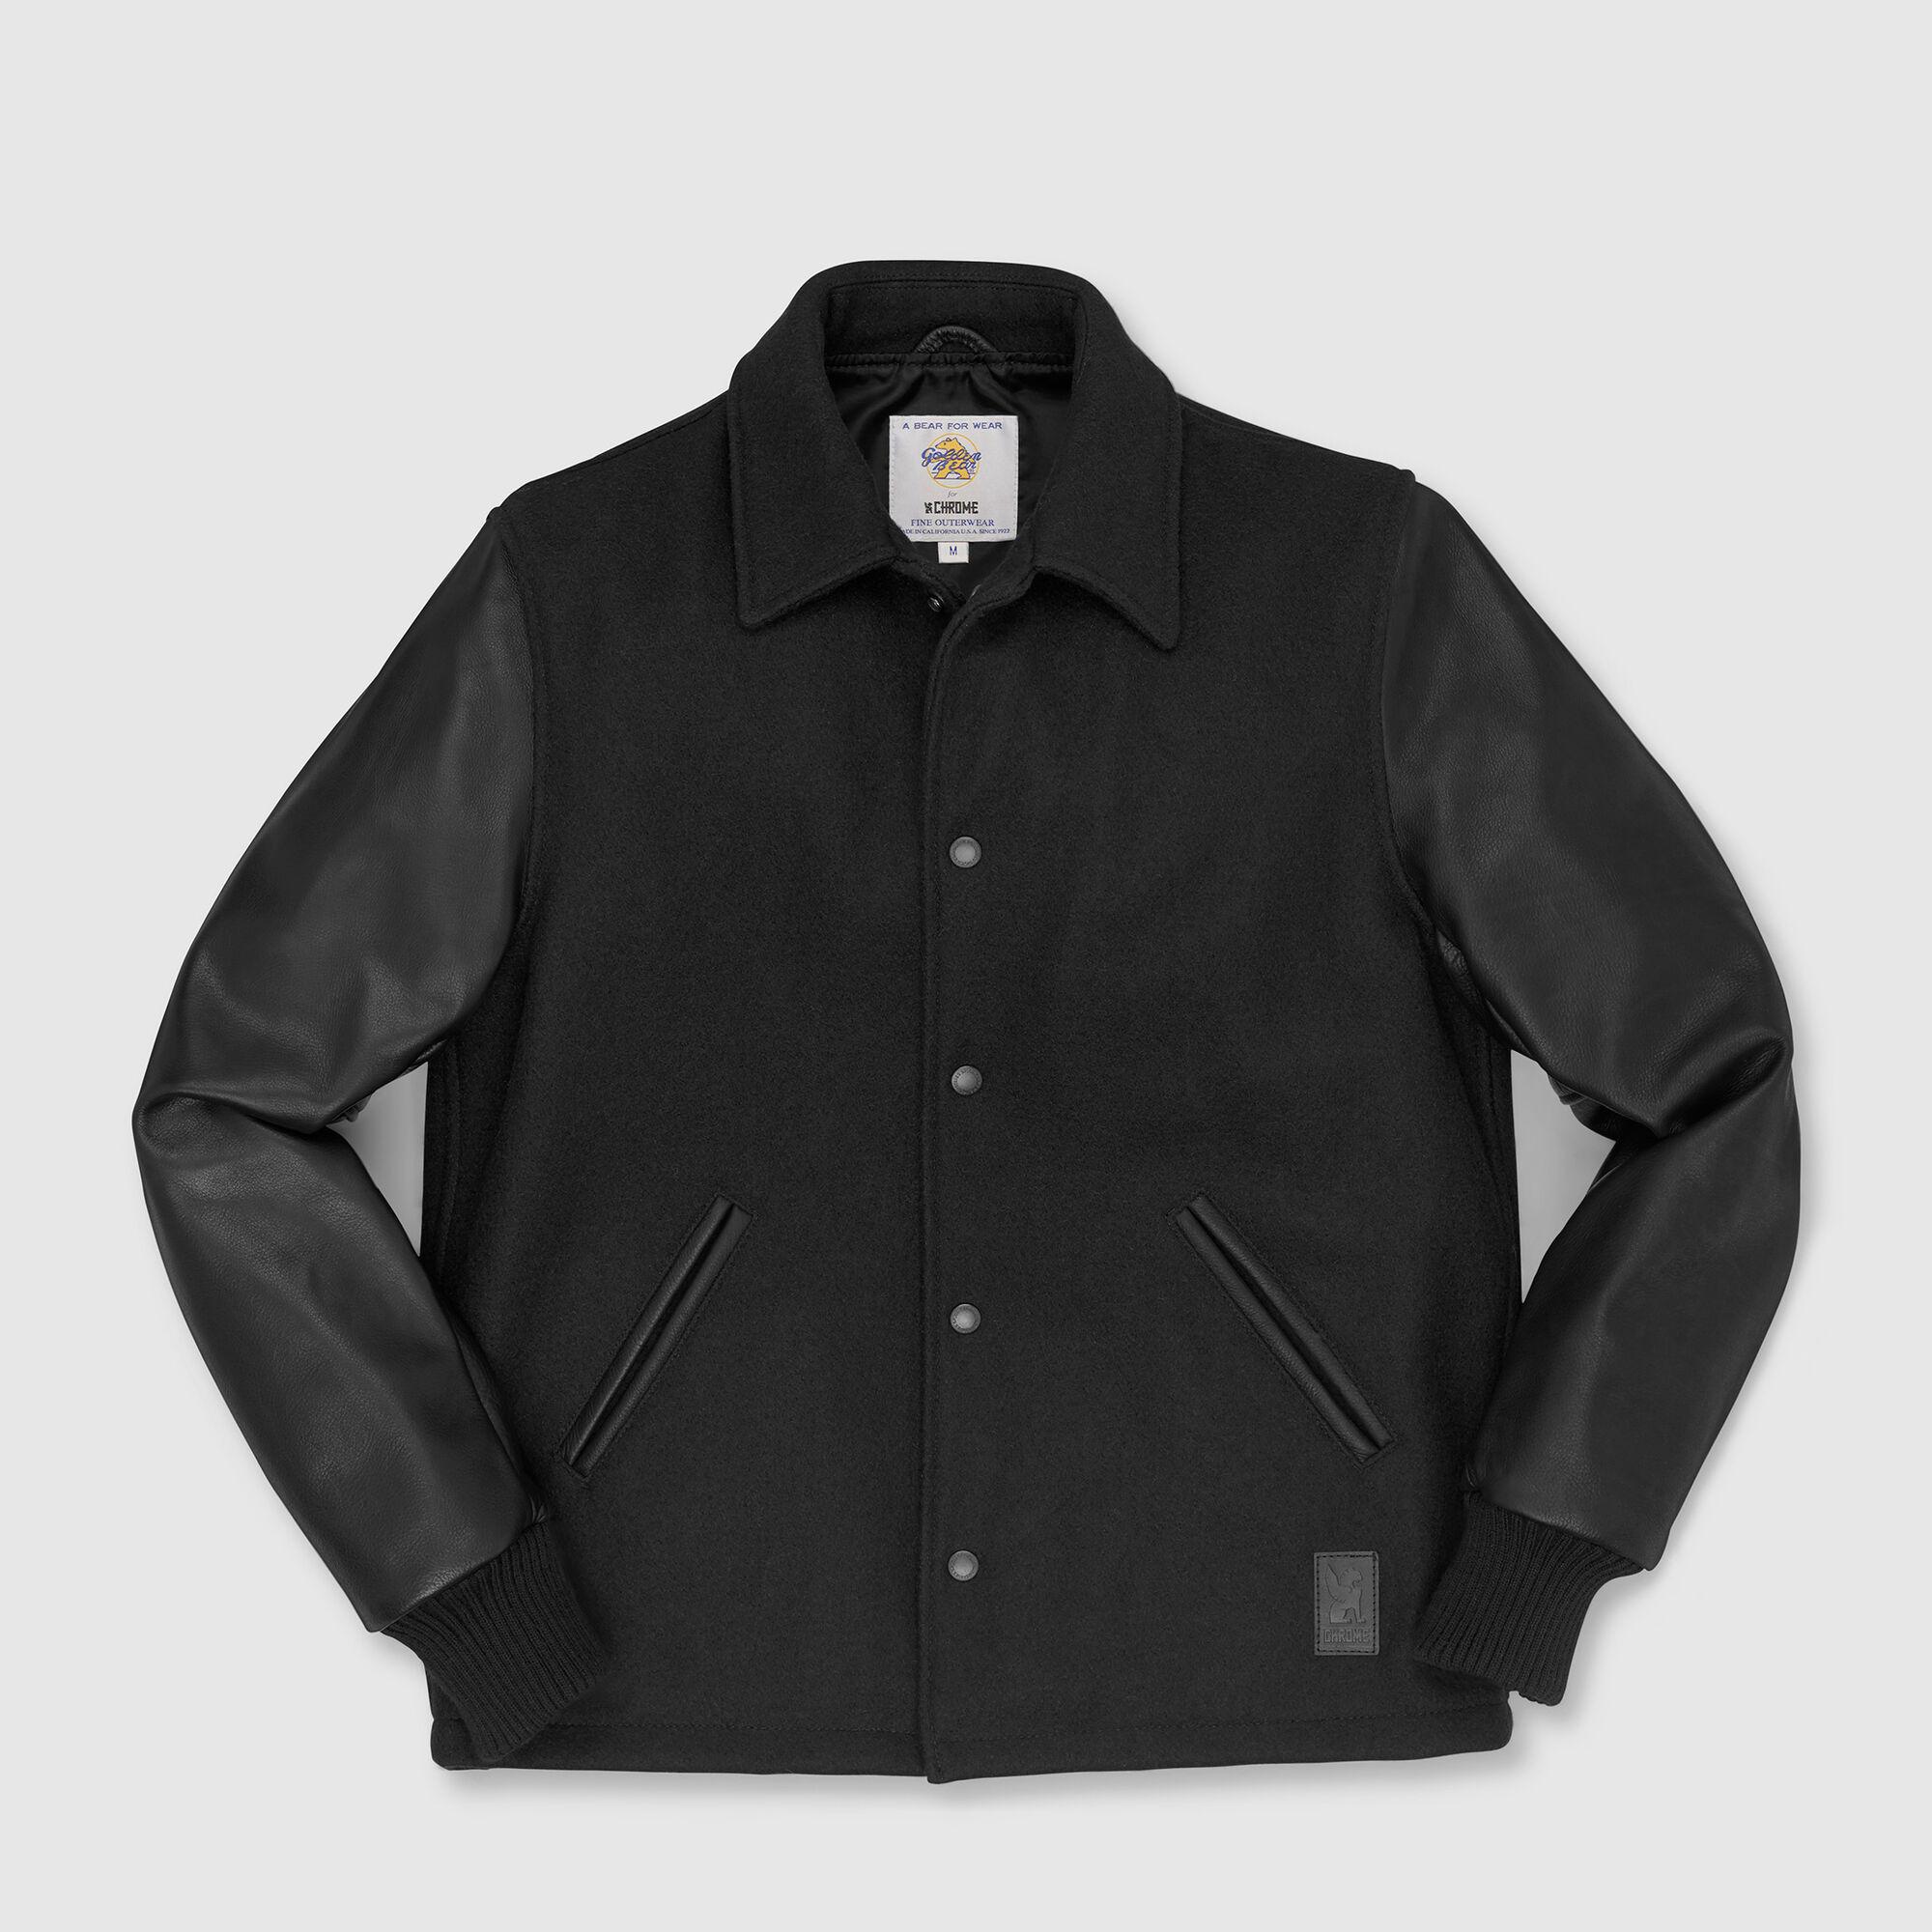 Fulton Baseball Jacket - Form Meets Function - Long Sleeve